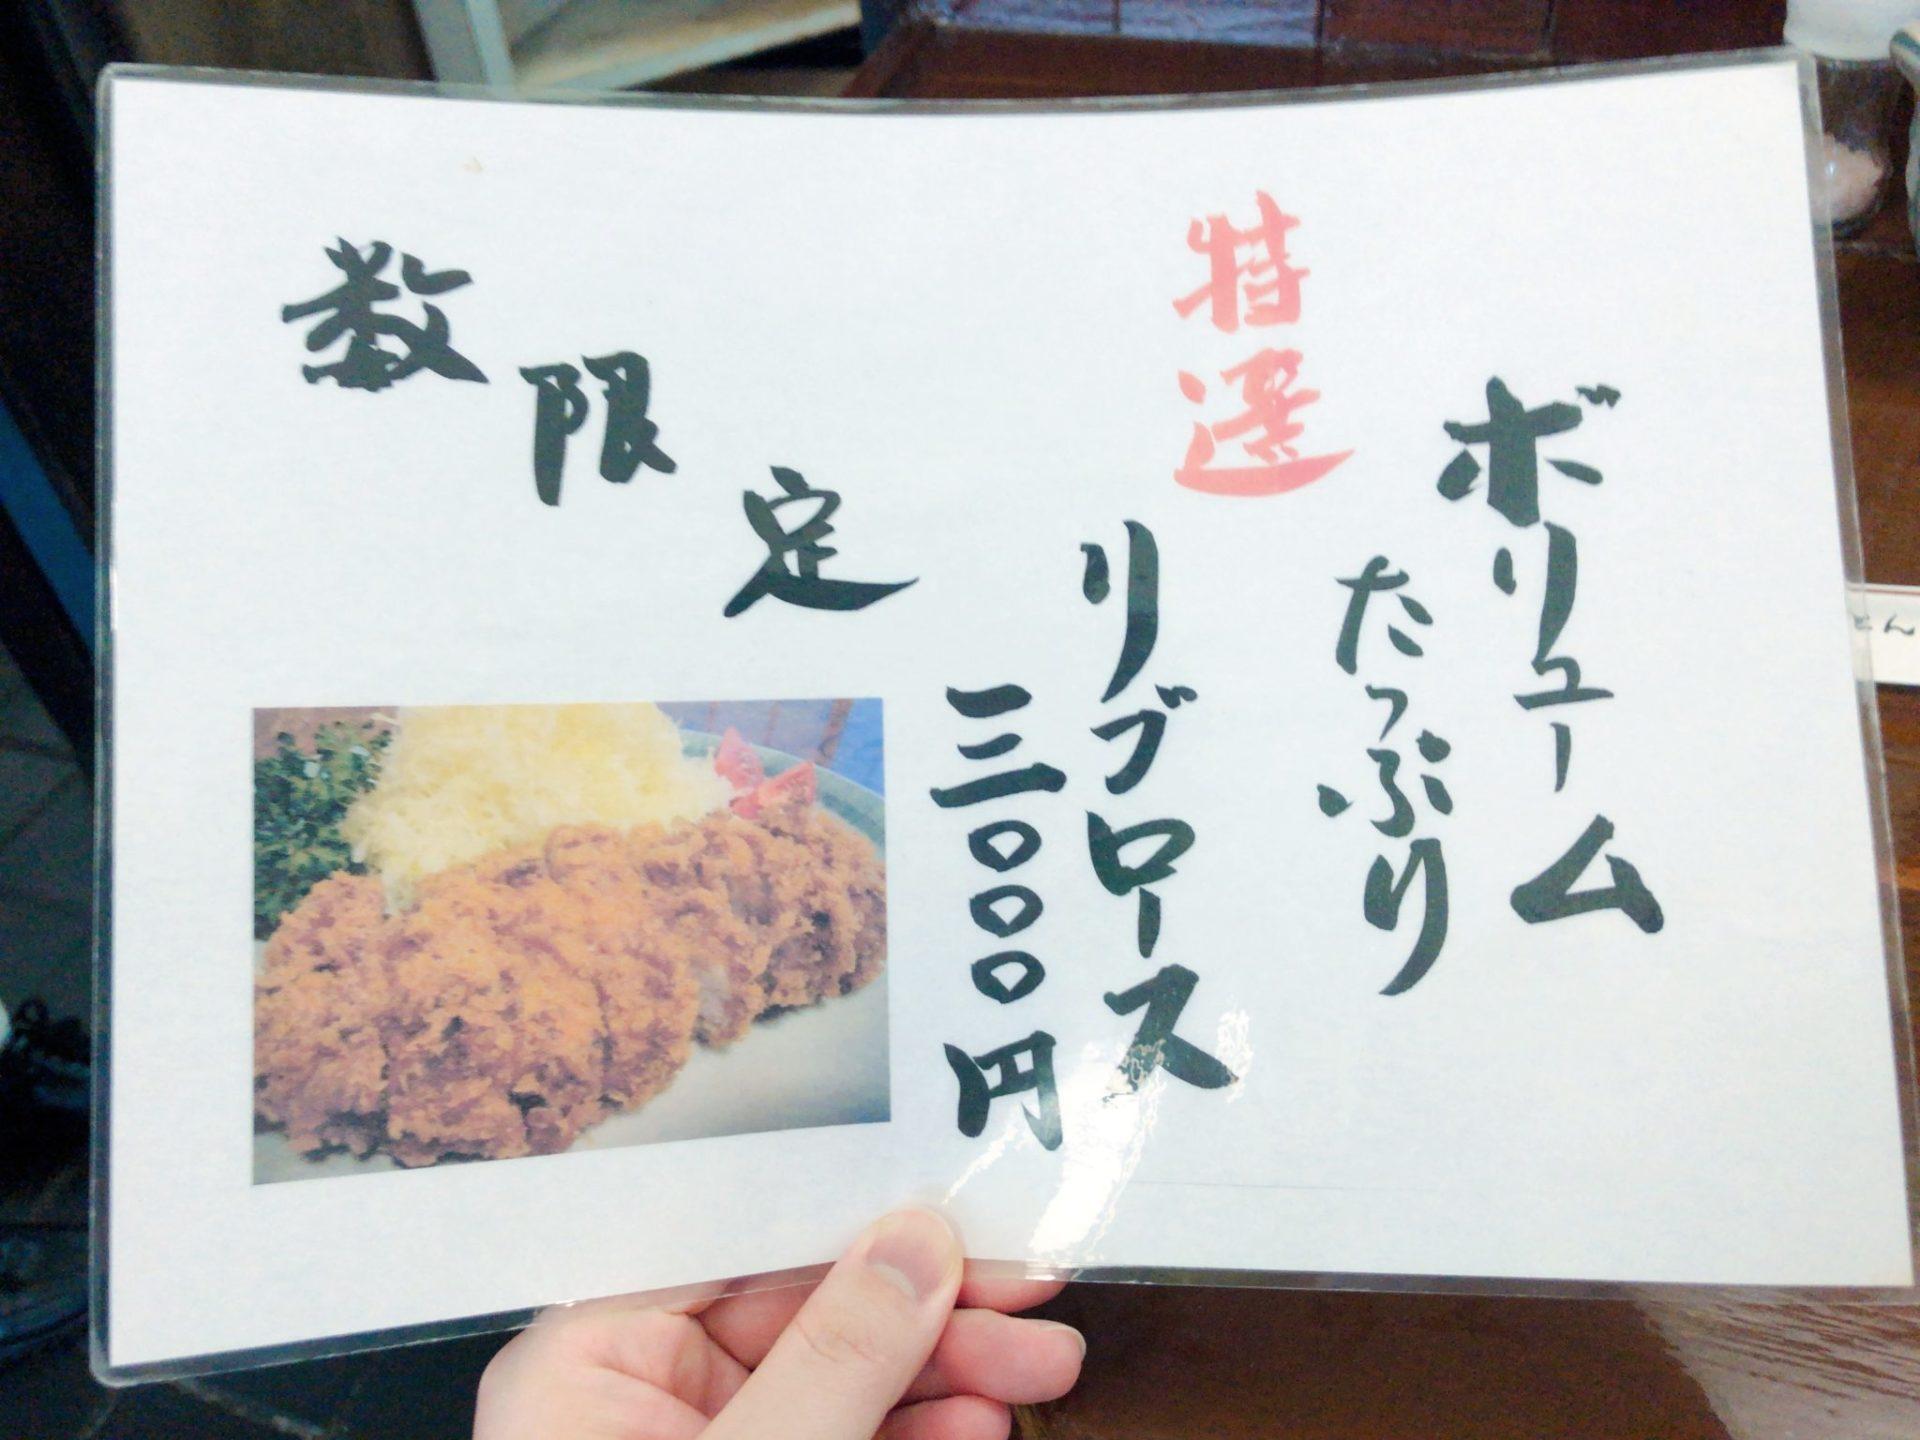 とんかつ椿 成城のリブロースカツ定食